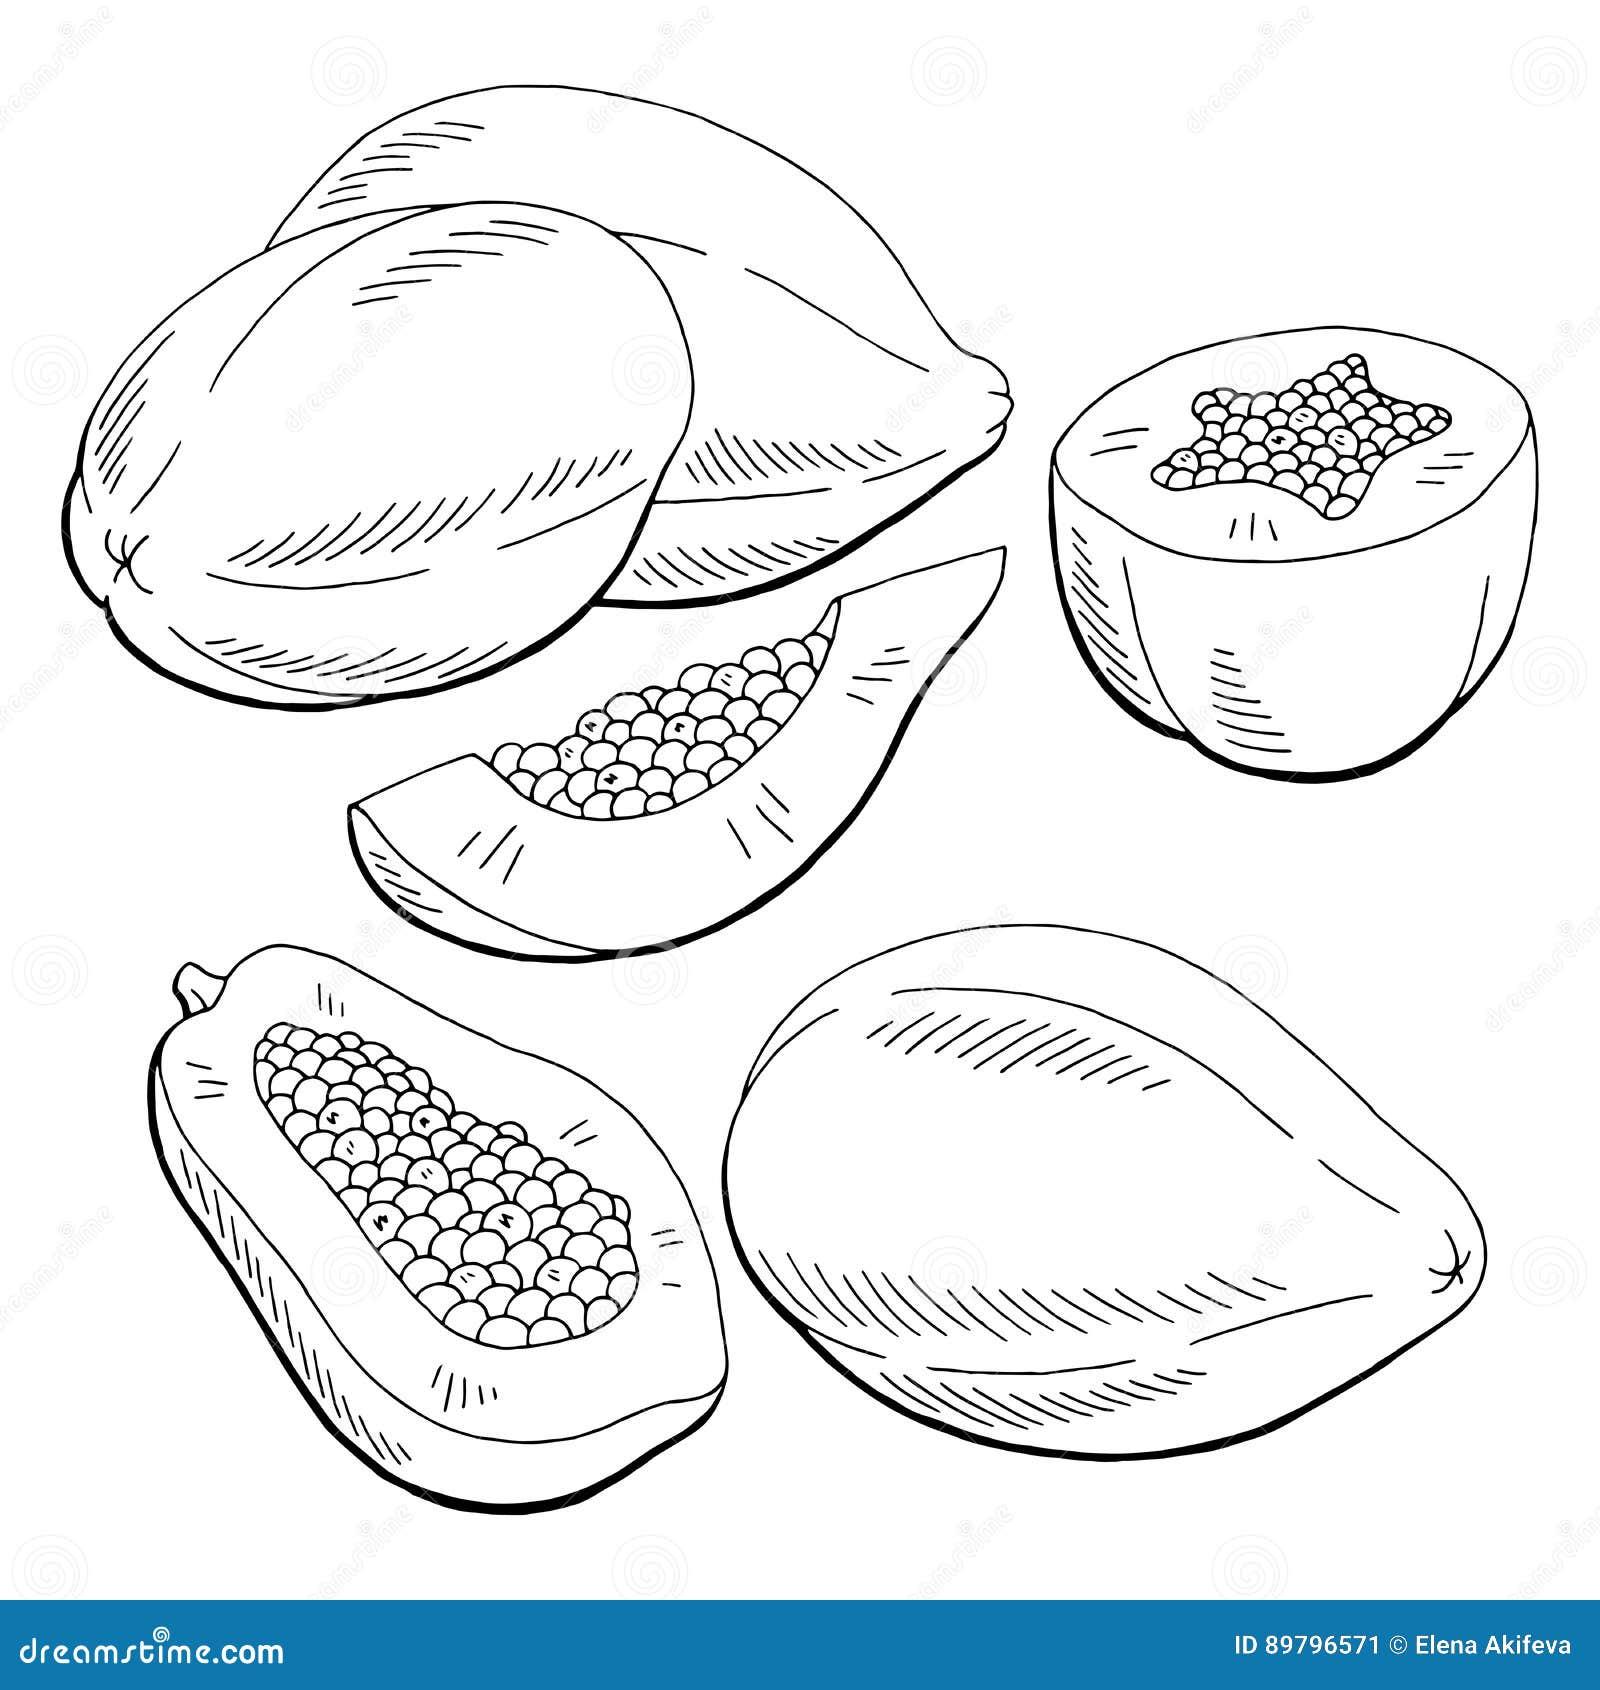 papaya fruit clipart black and white - photo #36